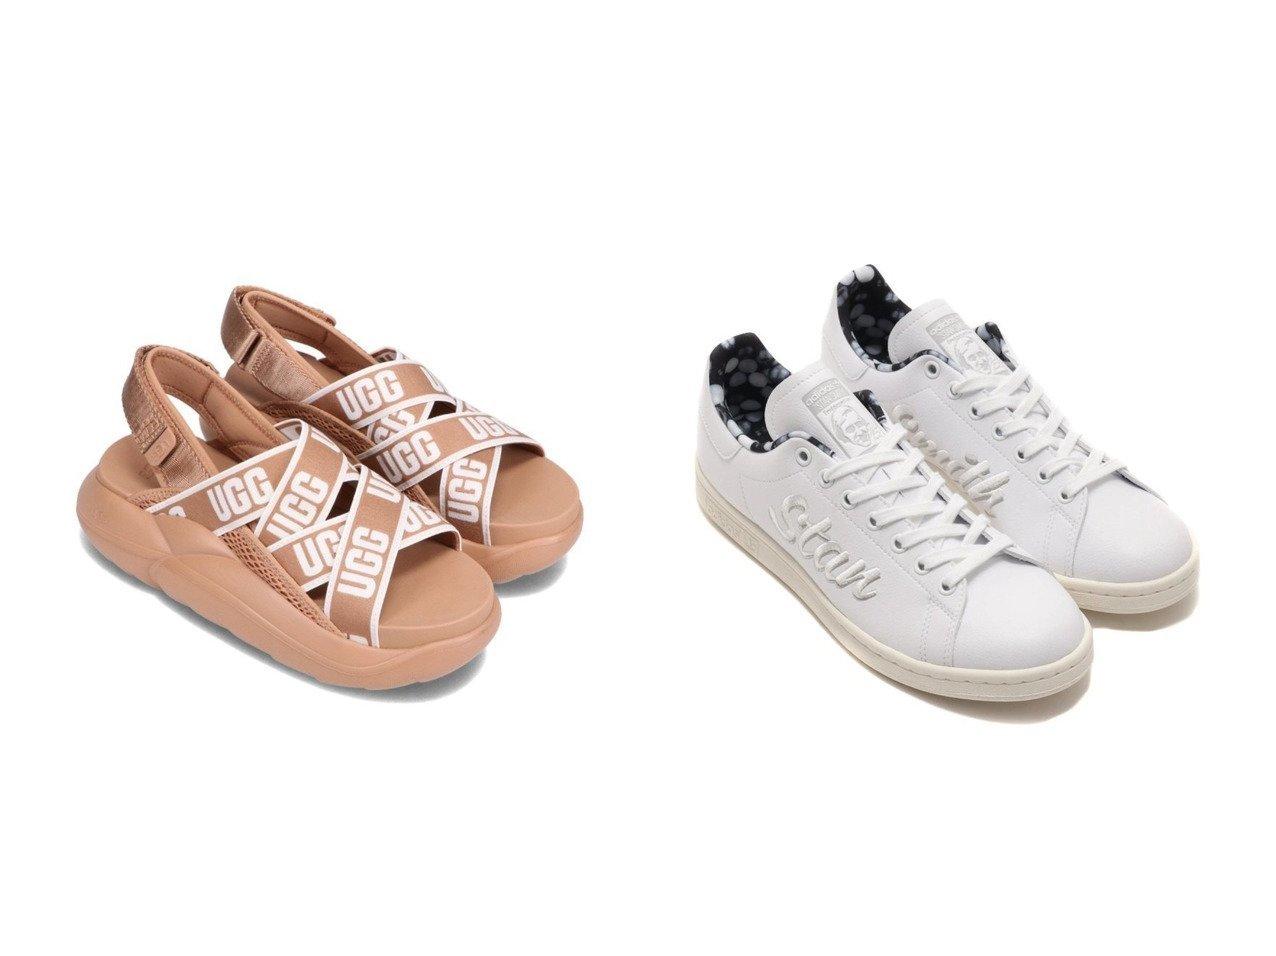 【adidas/アディダス】のadidas STAN SMITH&【UGG Australia/アグ】のUGG LA Cloud Sandal 【シューズ・靴】おすすめ!人気、トレンド・レディースファッションの通販 おすすめで人気の流行・トレンド、ファッションの通販商品 インテリア・家具・メンズファッション・キッズファッション・レディースファッション・服の通販 founy(ファニー) https://founy.com/ ファッション Fashion レディースファッション WOMEN グラフィック シューズ スニーカー スリッポン メンズ サンダル ミュール |ID:crp329100000045533